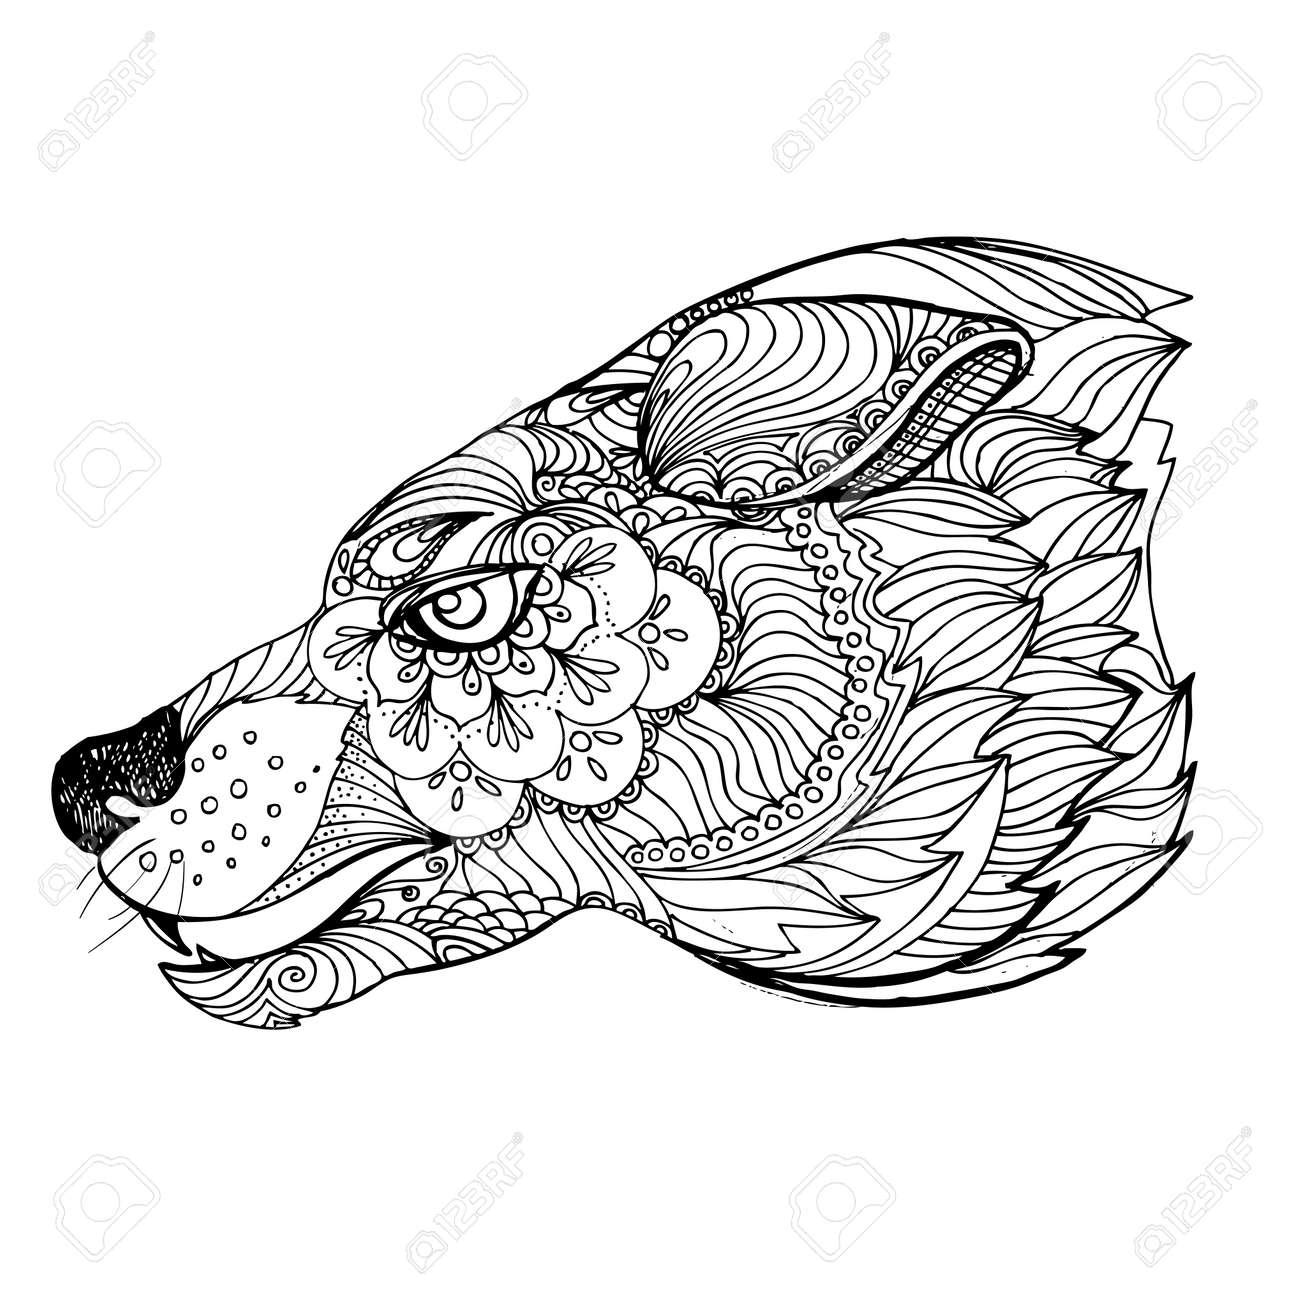 Vorlage Ausmalbilder Wolf Kopf Www Tollebild Com